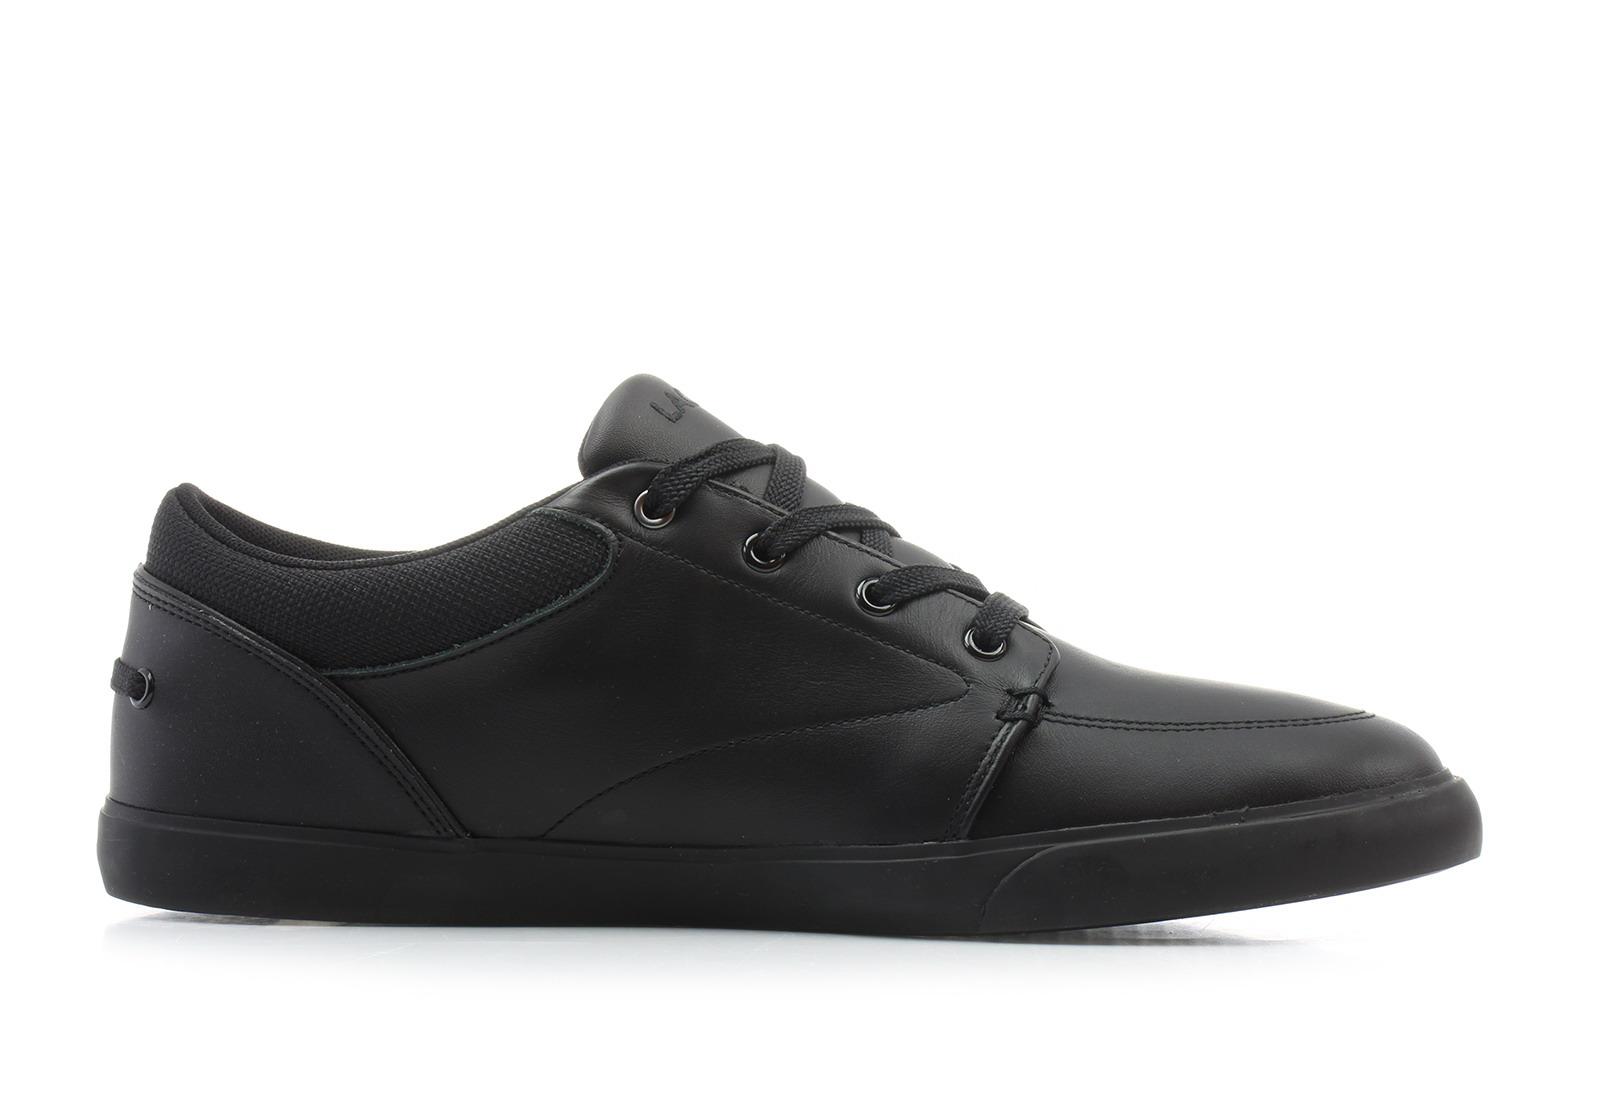 nowy przyjazd obuwie San Francisco Lacoste Półbuty - Bayliss - 183CAM0007-231 - Obuwie i buty damskie, męskie,  dziecięce w Office Shoes